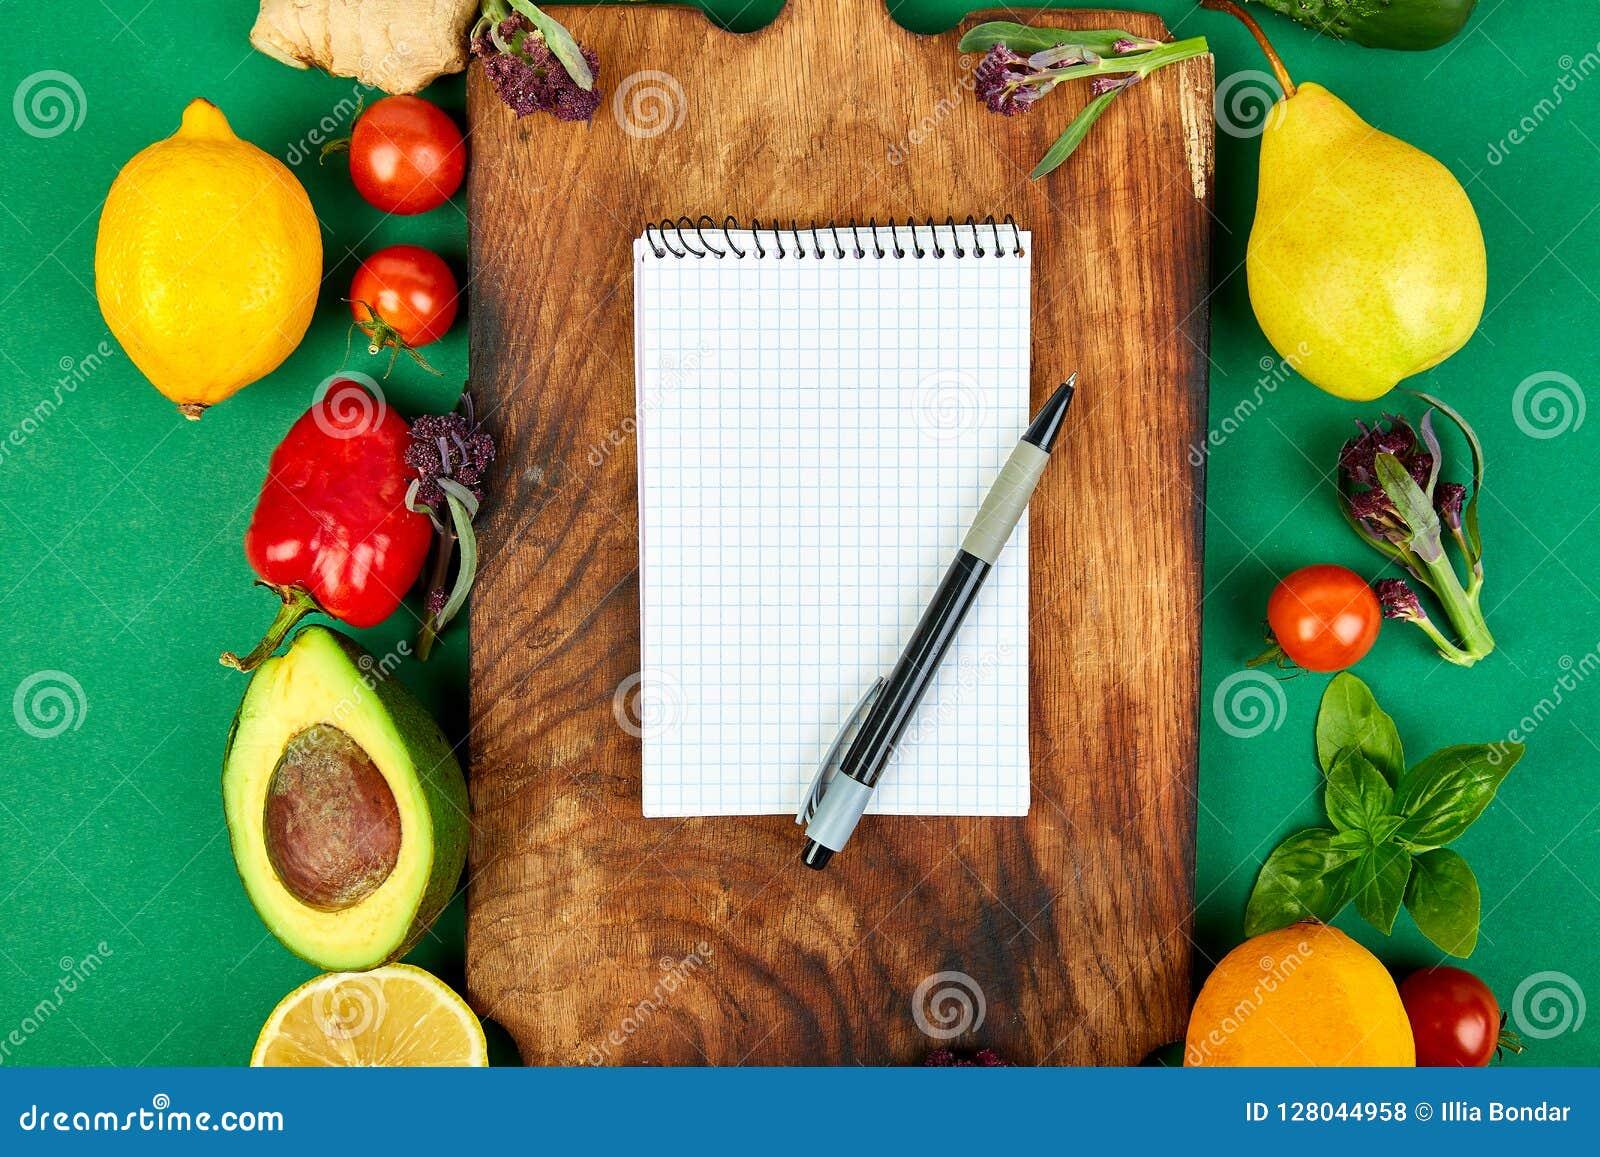 Lista de compras para dieta vegana